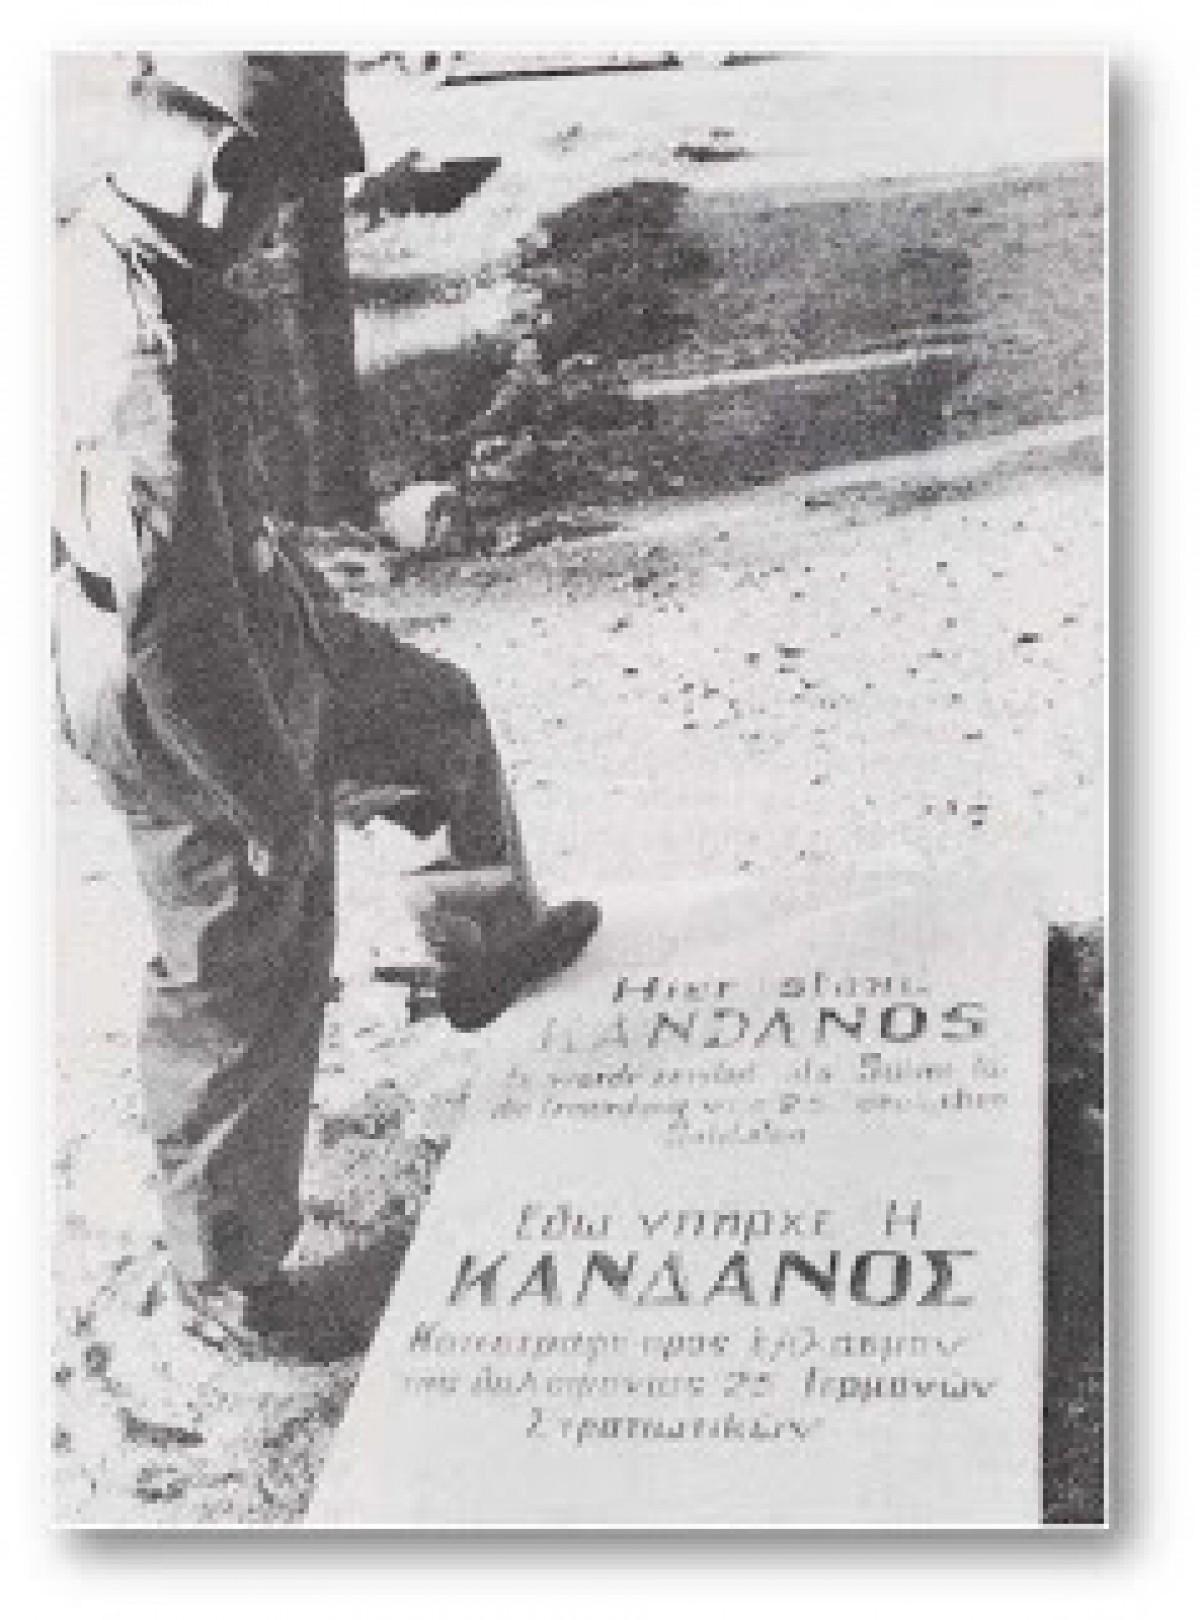 Ως αντίποινων των από οπλισμένων πολιτών ανδρών και γυναικών εκ των όπισθεν δολοφονηθέντων Γερμανών στρατιωτών κατεστράφη η Κάνδανος.